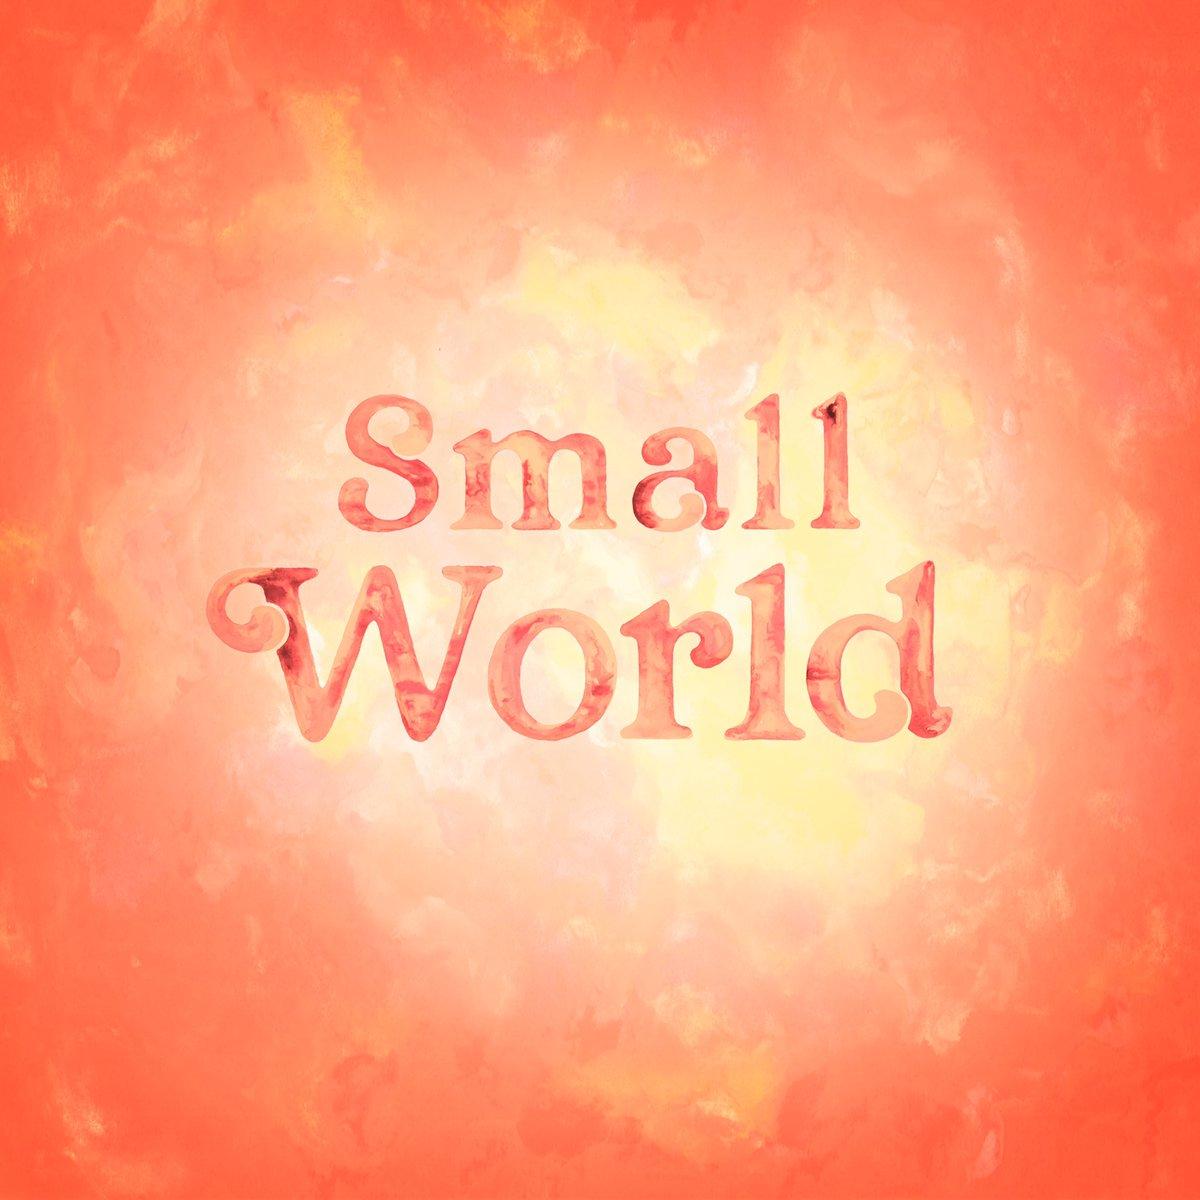 「Small world」を11/1(月)に配信リリースする事が決定しました。配信ジャケットはVERDYさんにデザインして頂きました。